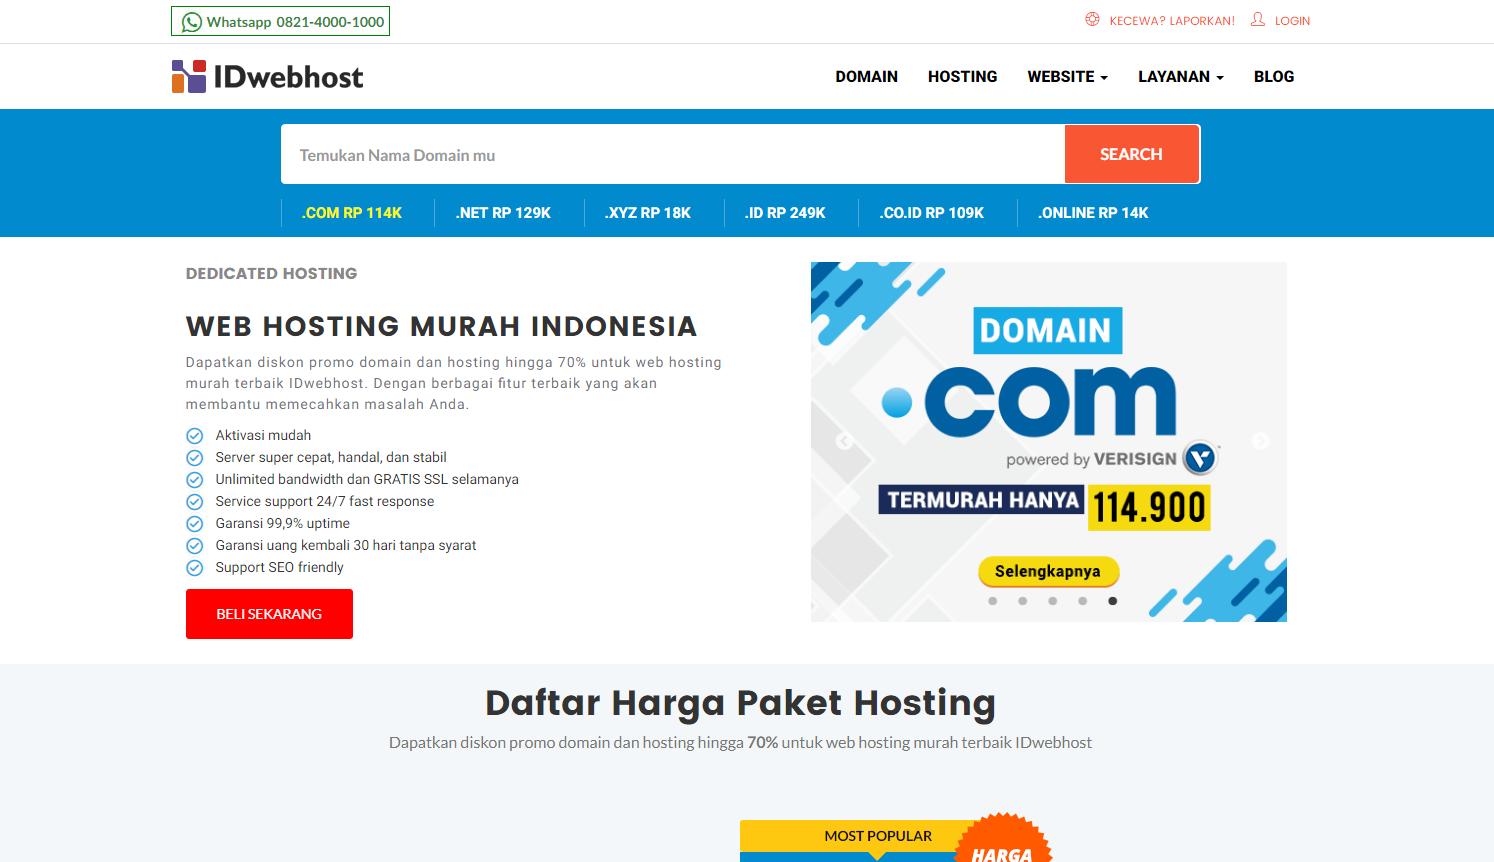 IDwebhost - halaman idwebhost